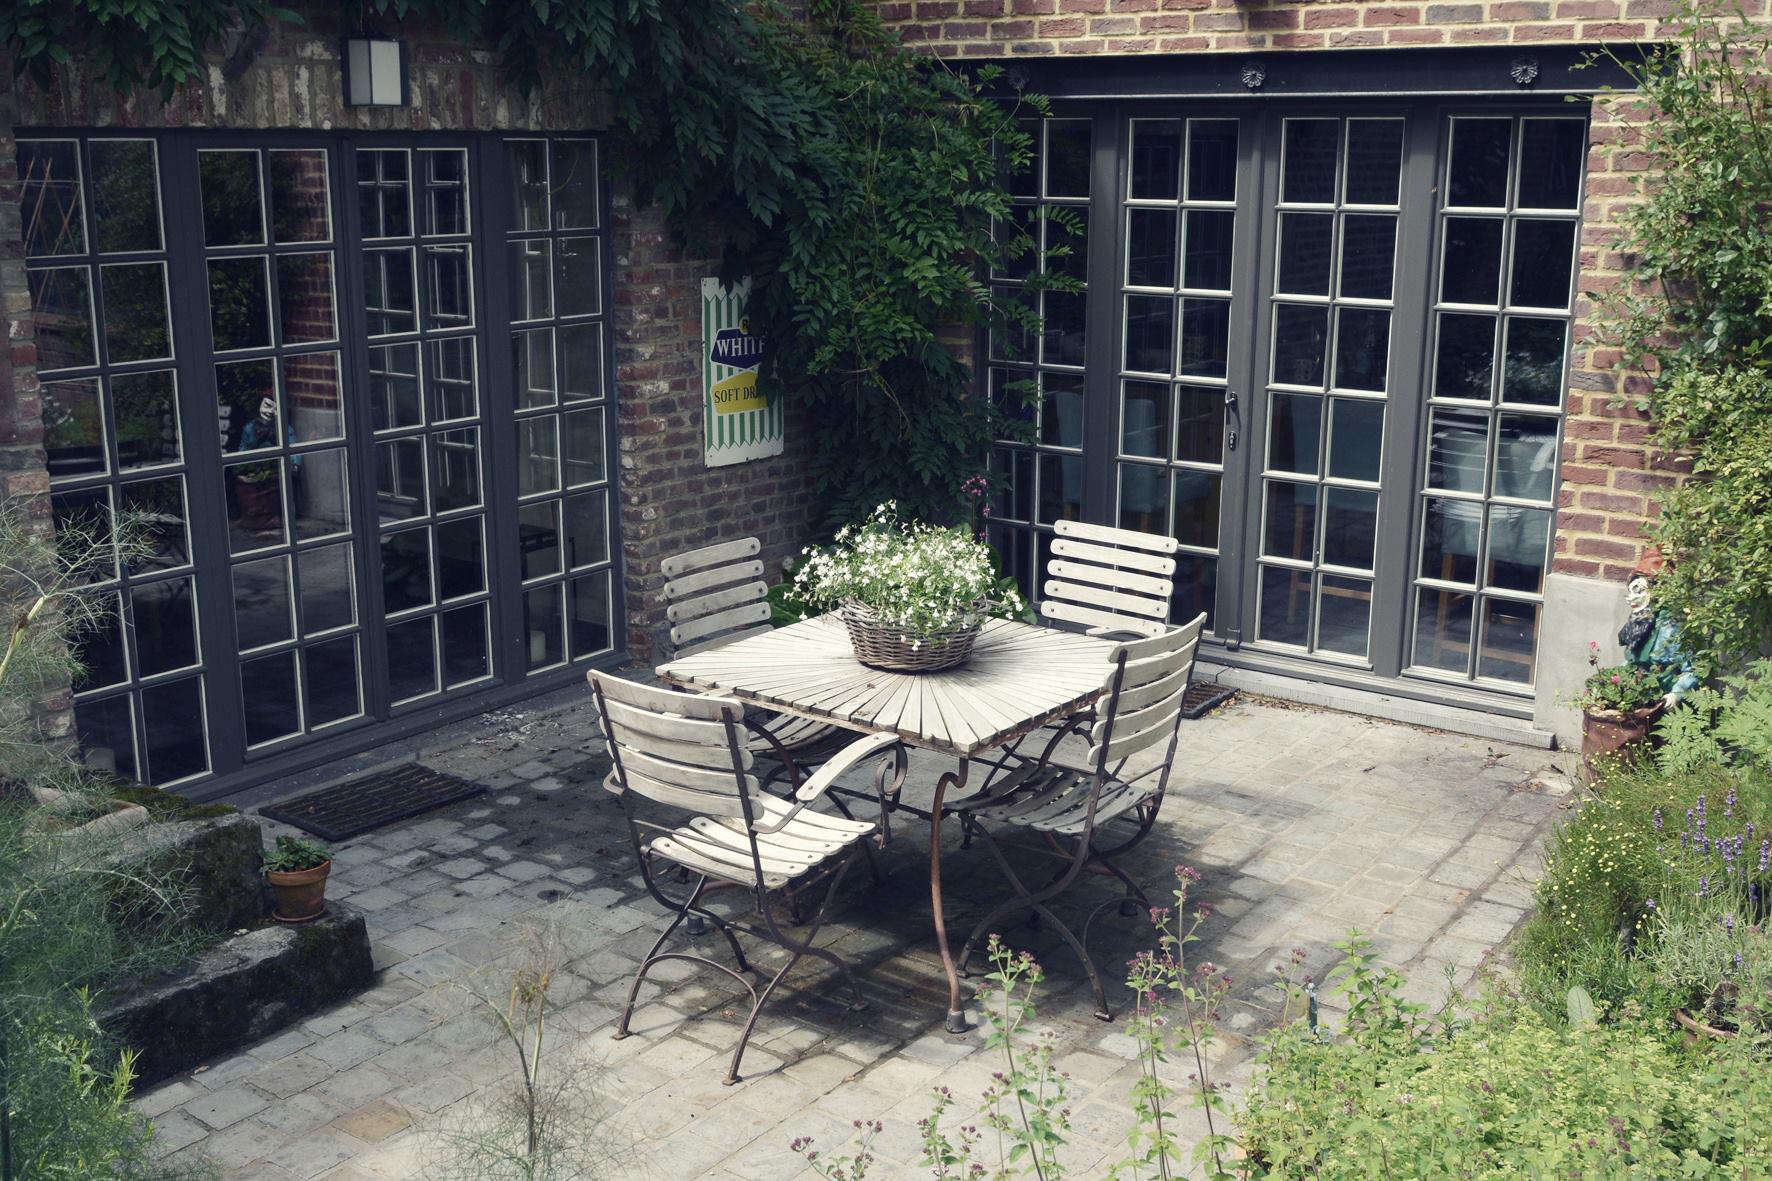 Jardin d ocq collinaria - Jardin dans une maison poitiers ...